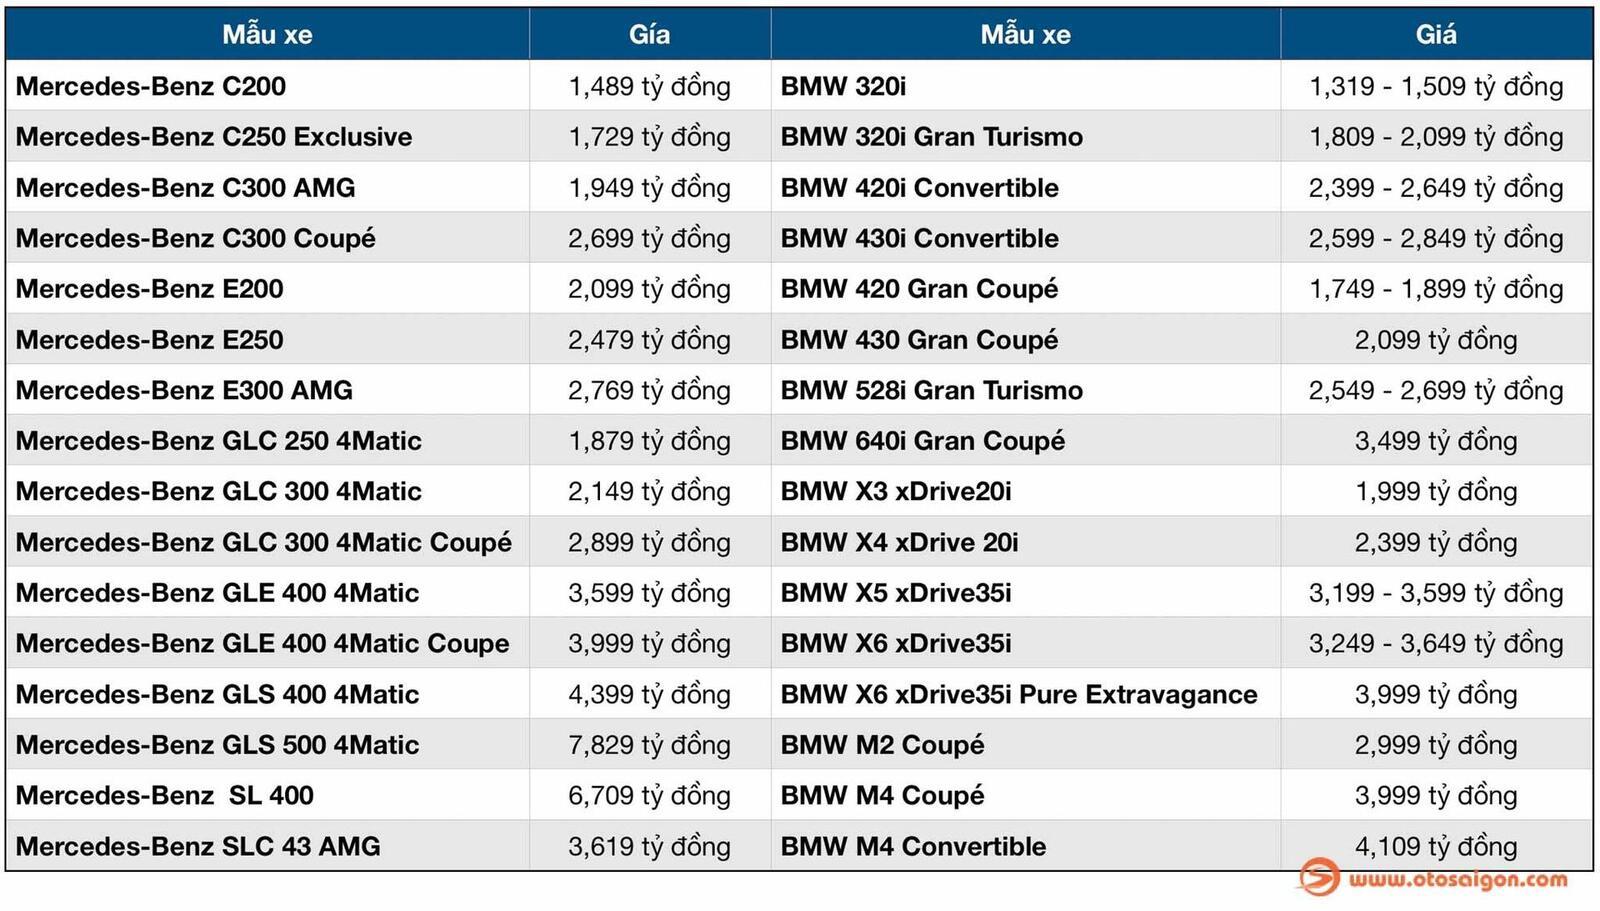 Bảng giá hiện tại của một số dòng xe Mercedes-Benz và BMW tại Việt Nam - Hình 2